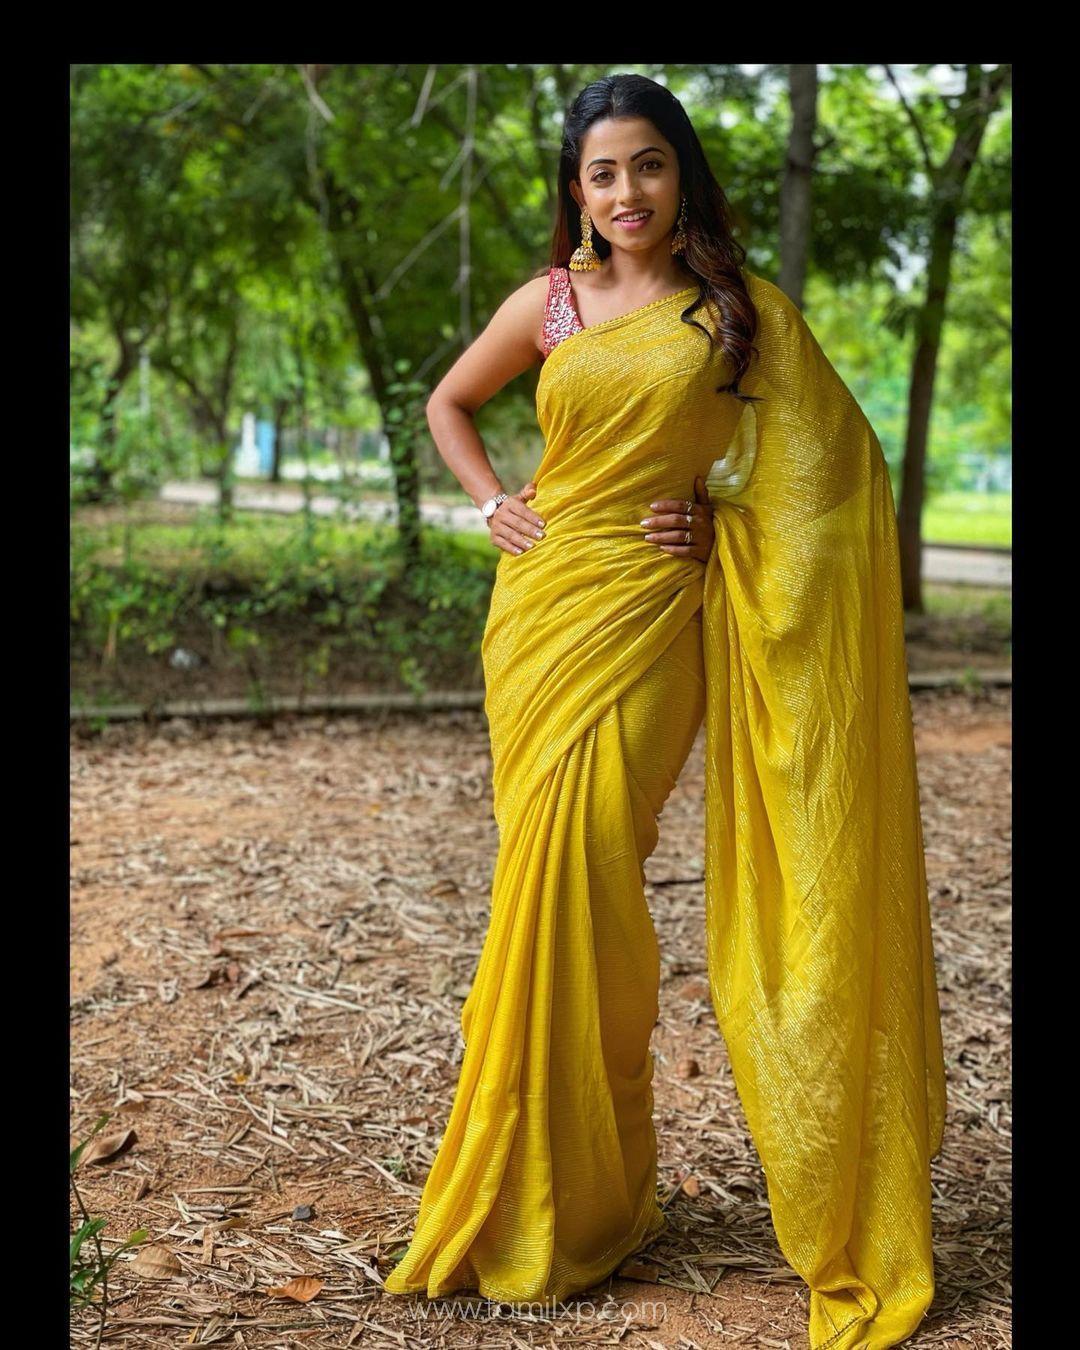 Actress Navya Swamy Images